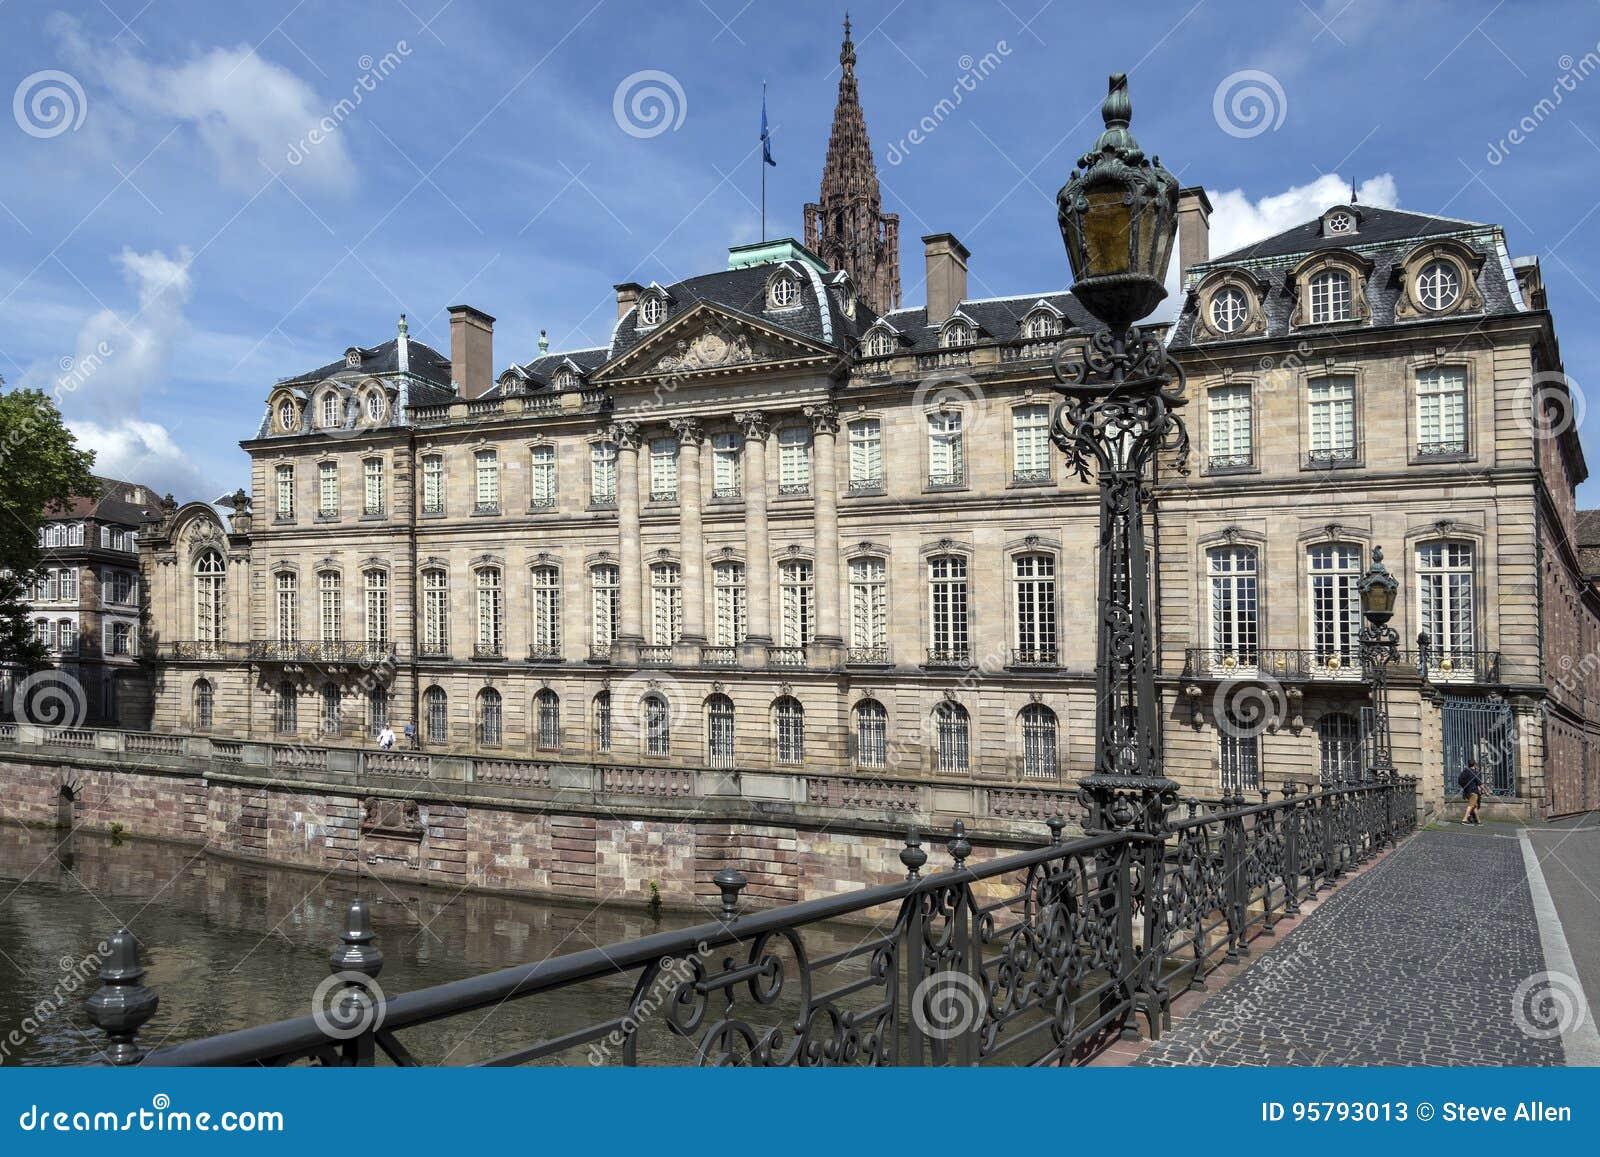 Dass Frankreich für seine unfassbar komplizierte und zeit- und nervenintensive Bürokratie bekannt.